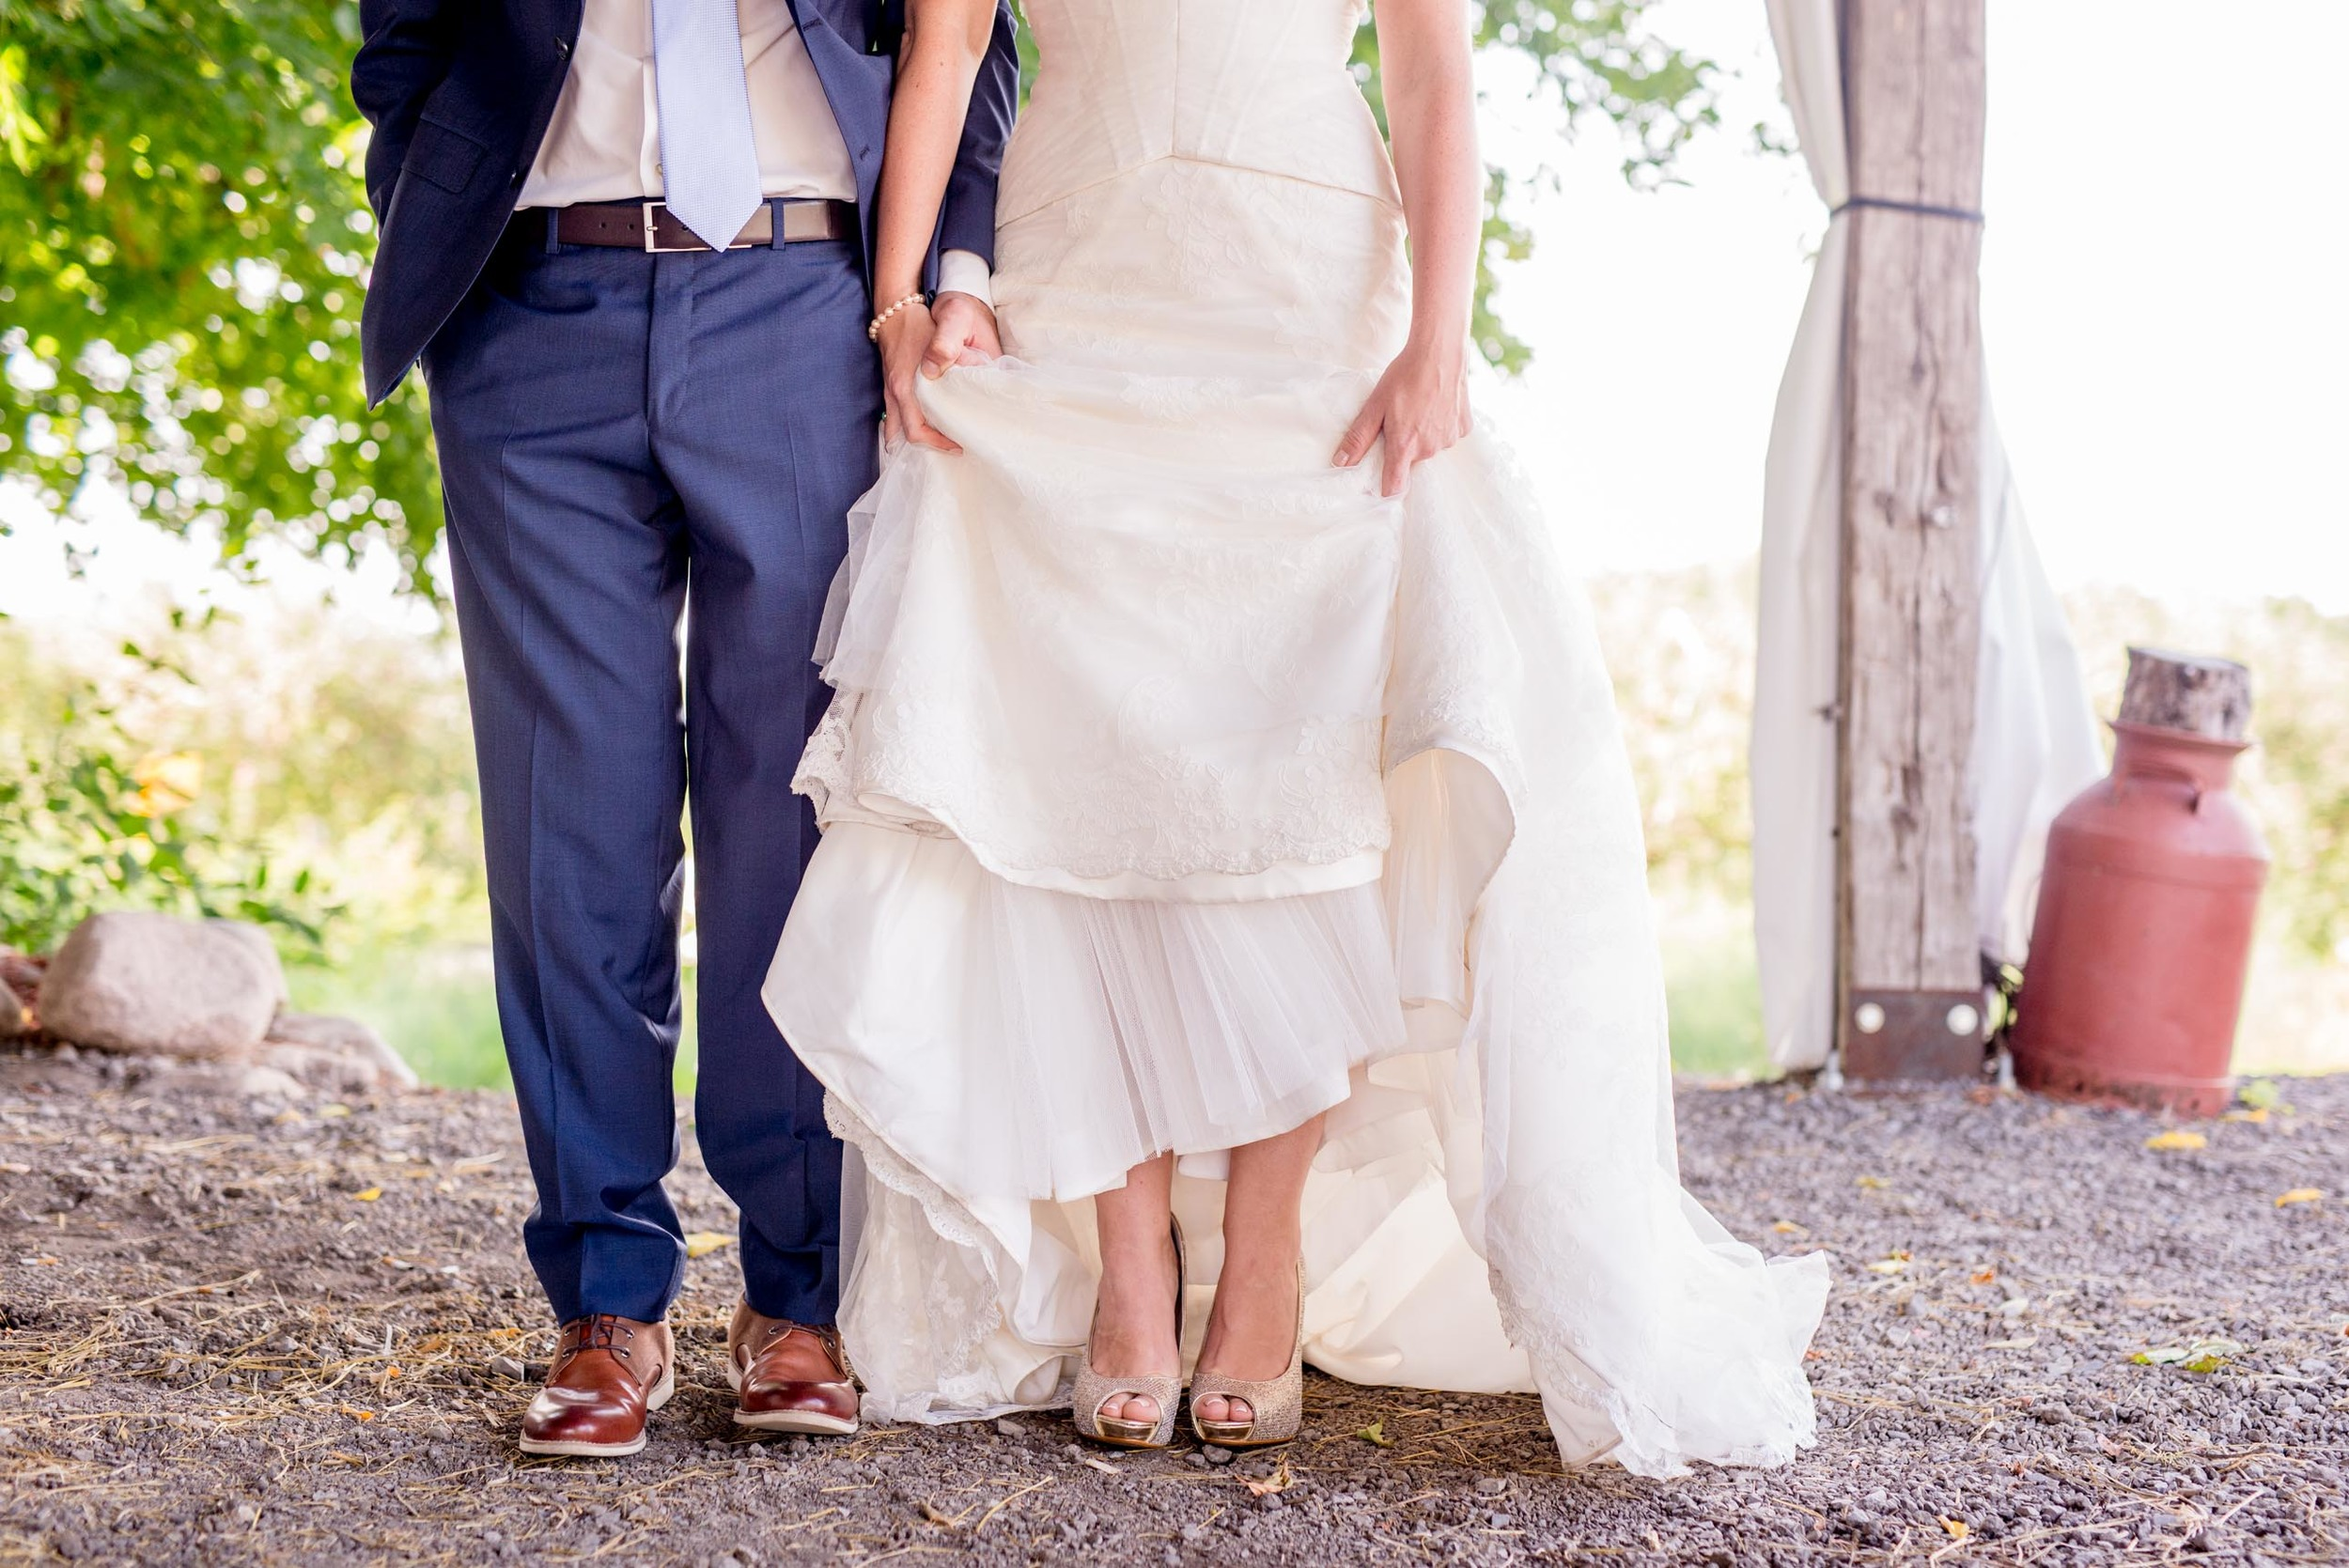 mariage-Jude_Pomme-photo-marie-evenagantphotographe-2.jpg